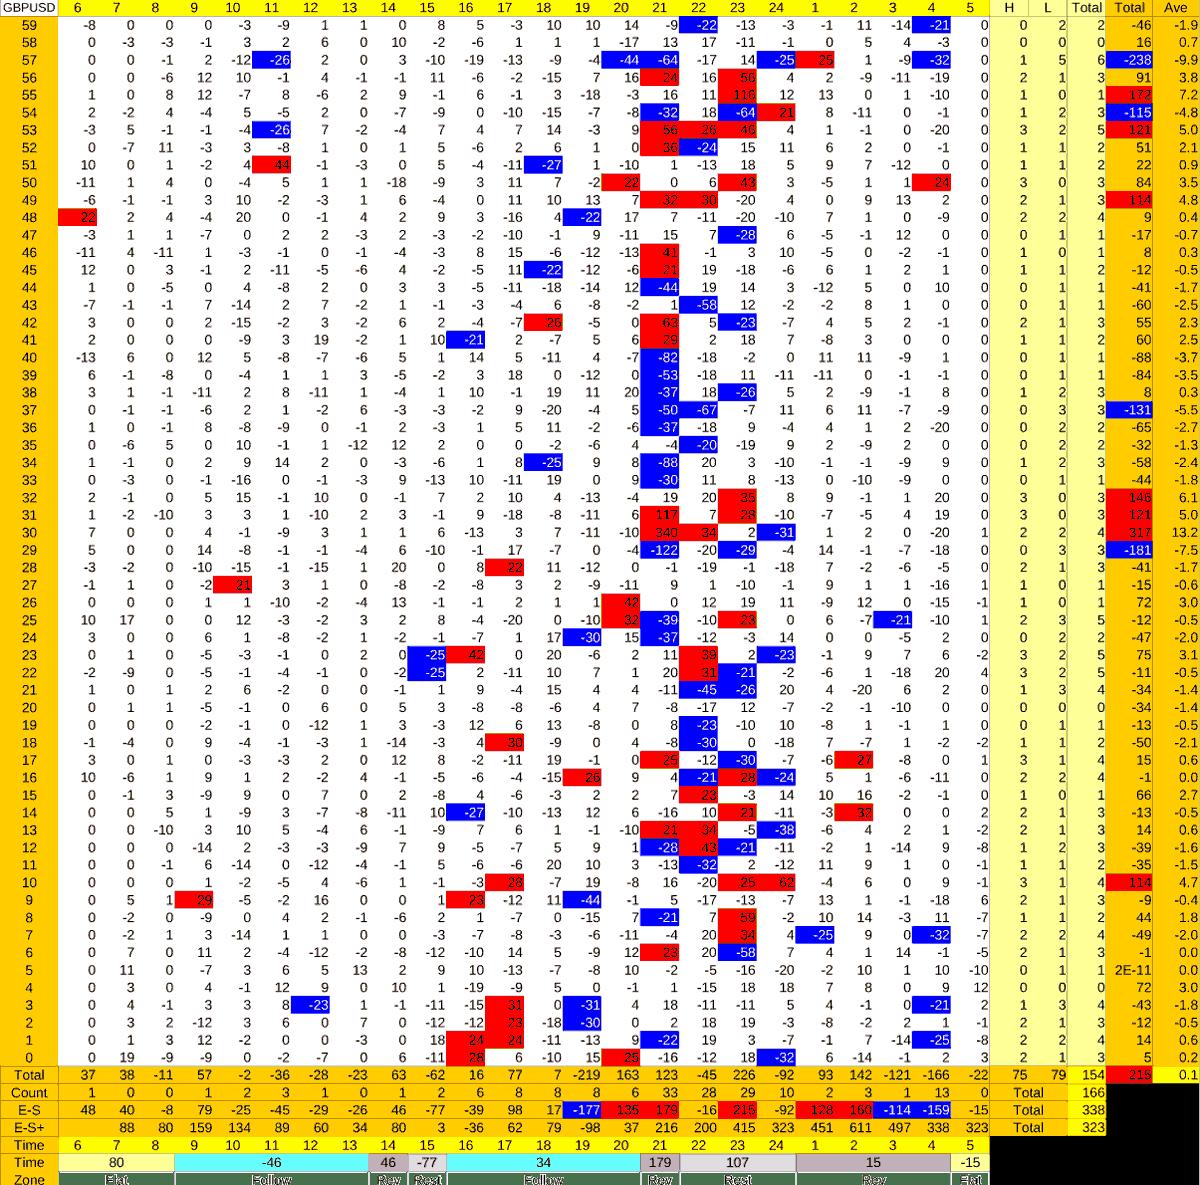 20210903_HS(2)GBPUSD-min